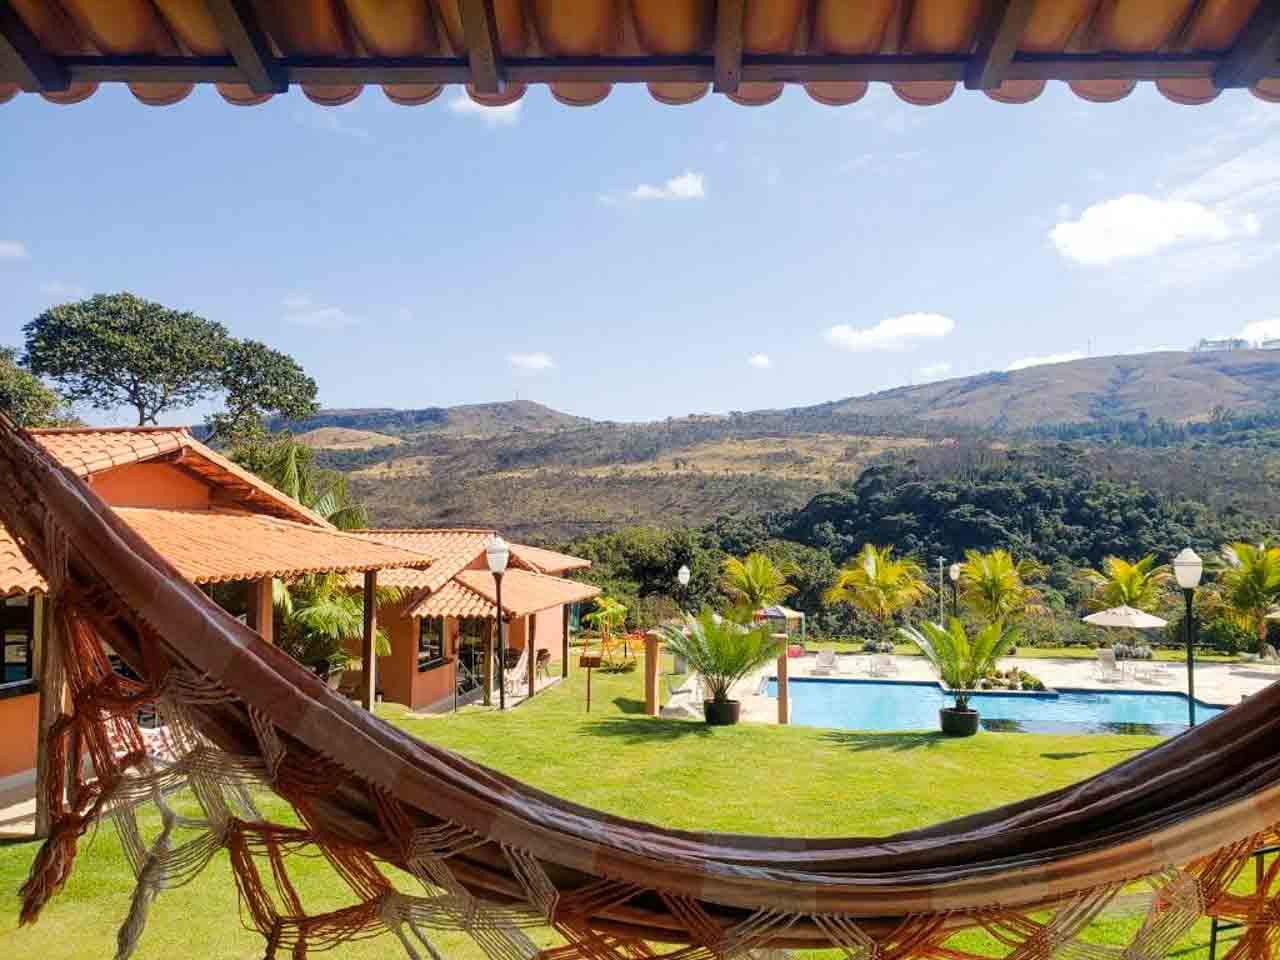 Rede e piscina com vista para as montanhas, precisa de algo mais? Pousada Cachoeiras da Mata